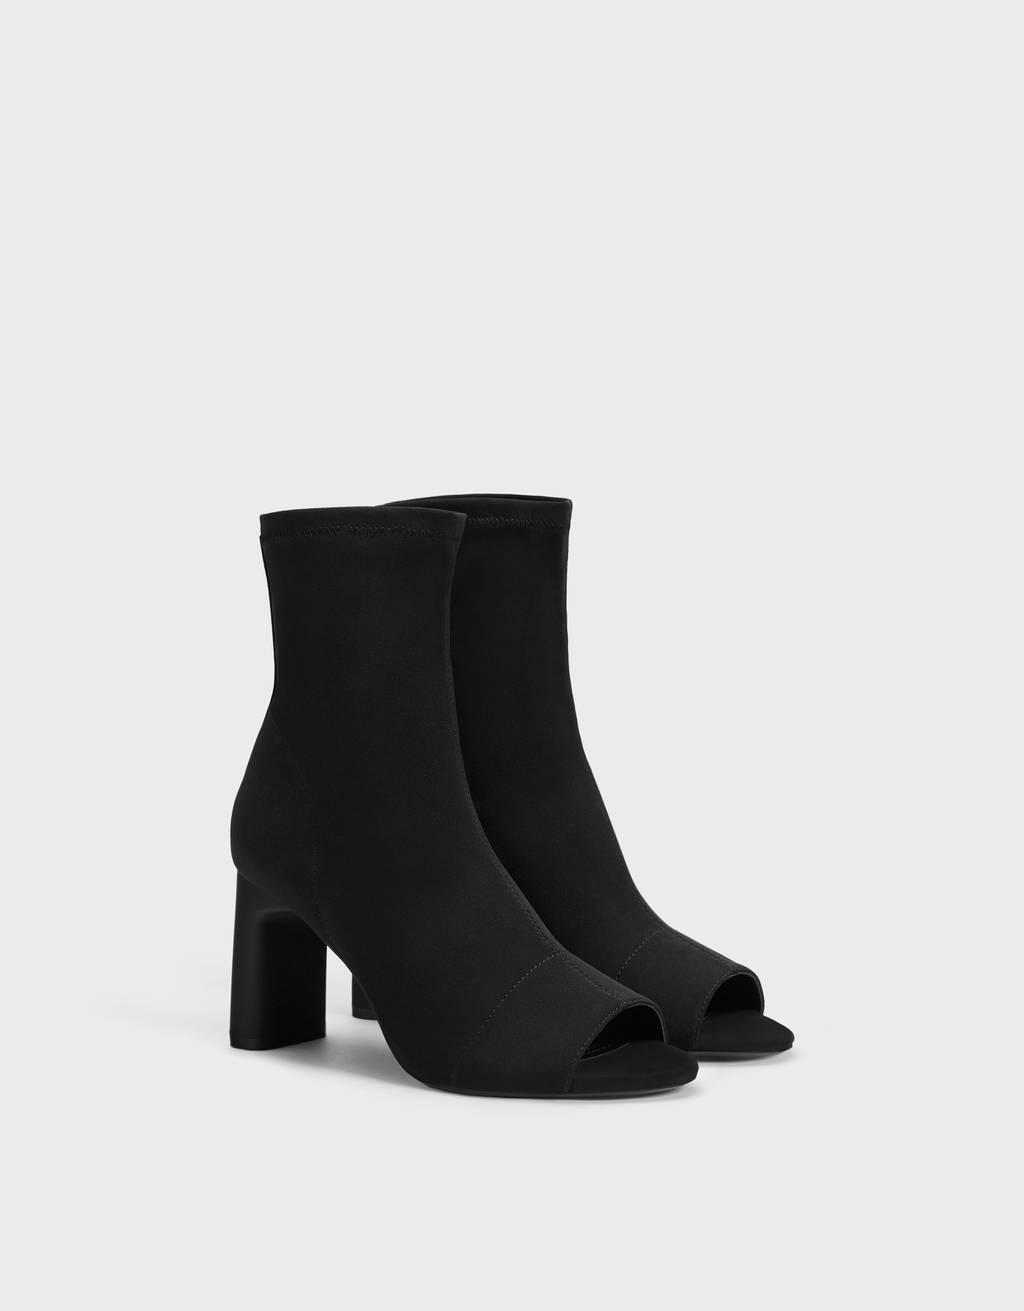 Elastic peep toe ankle boots